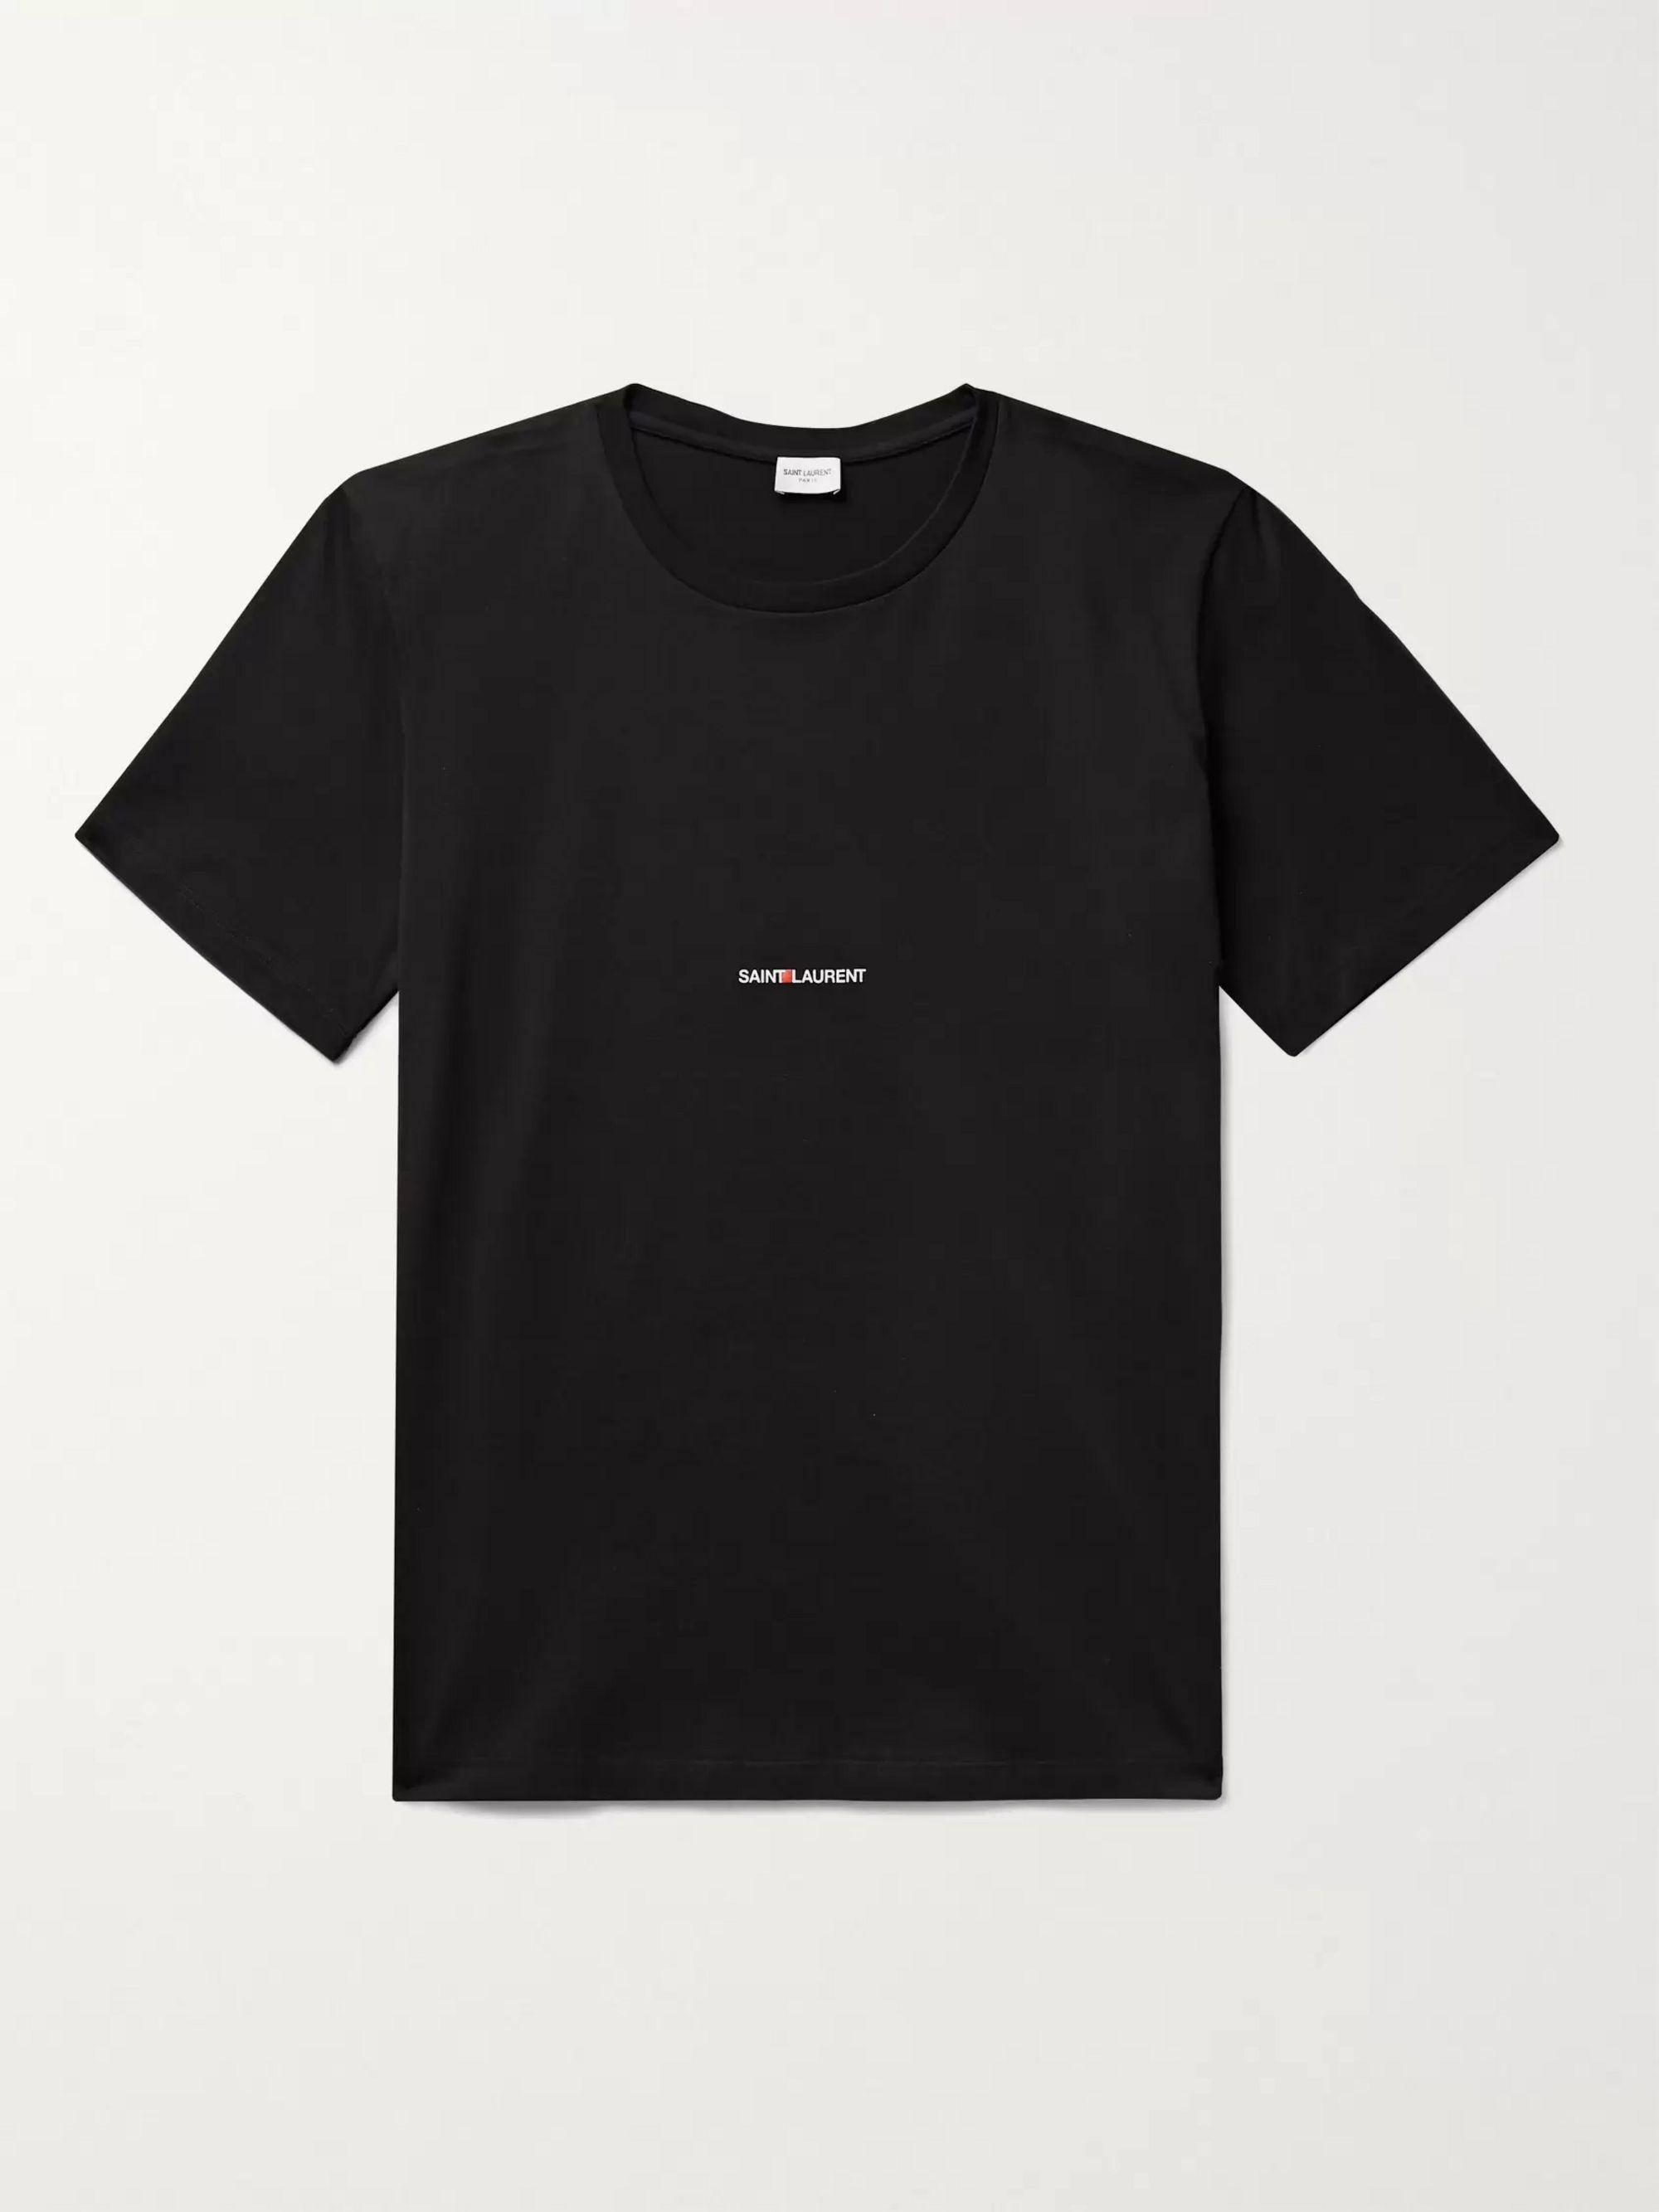 생 로랑 Saint Laurent Logo-Print Cotton-Jersey T-Shirt,Black